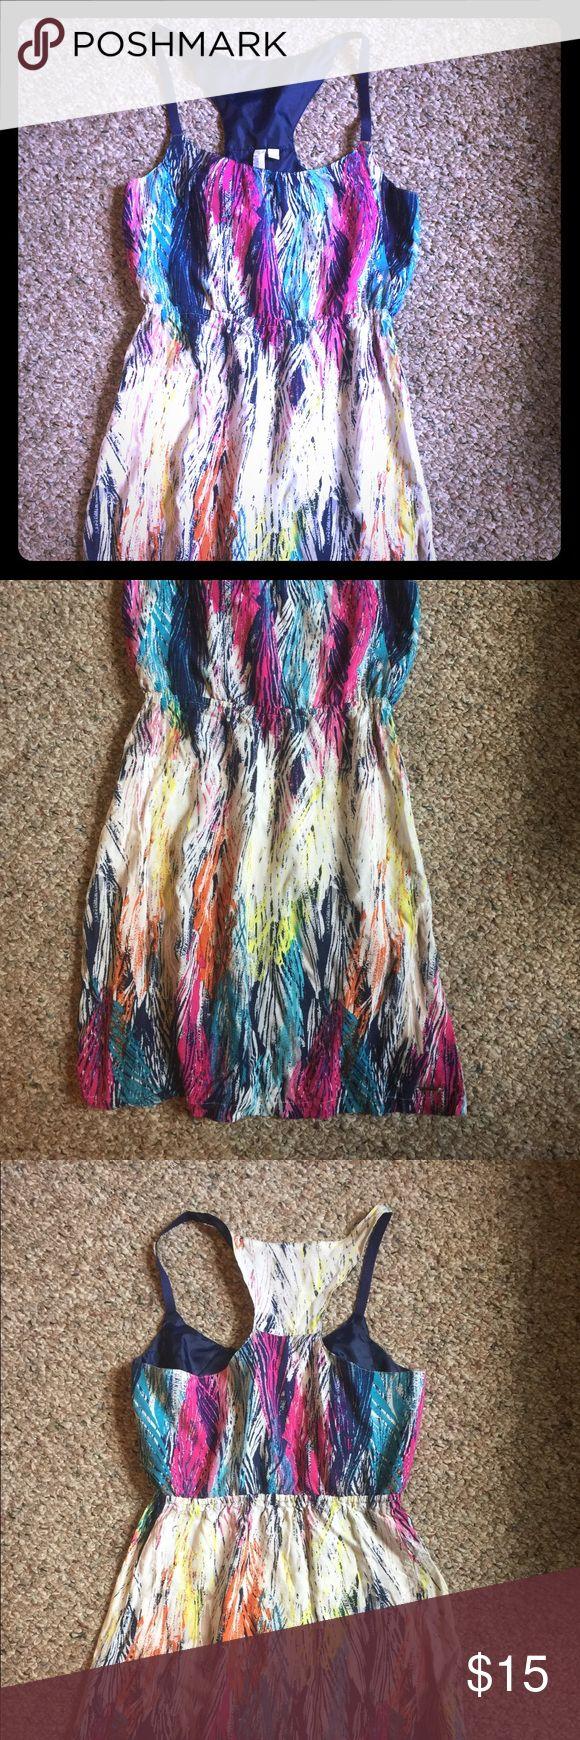 Racerback Summer Dress Light weight multi color summer dress with a racerback. Hang Ten Dresses